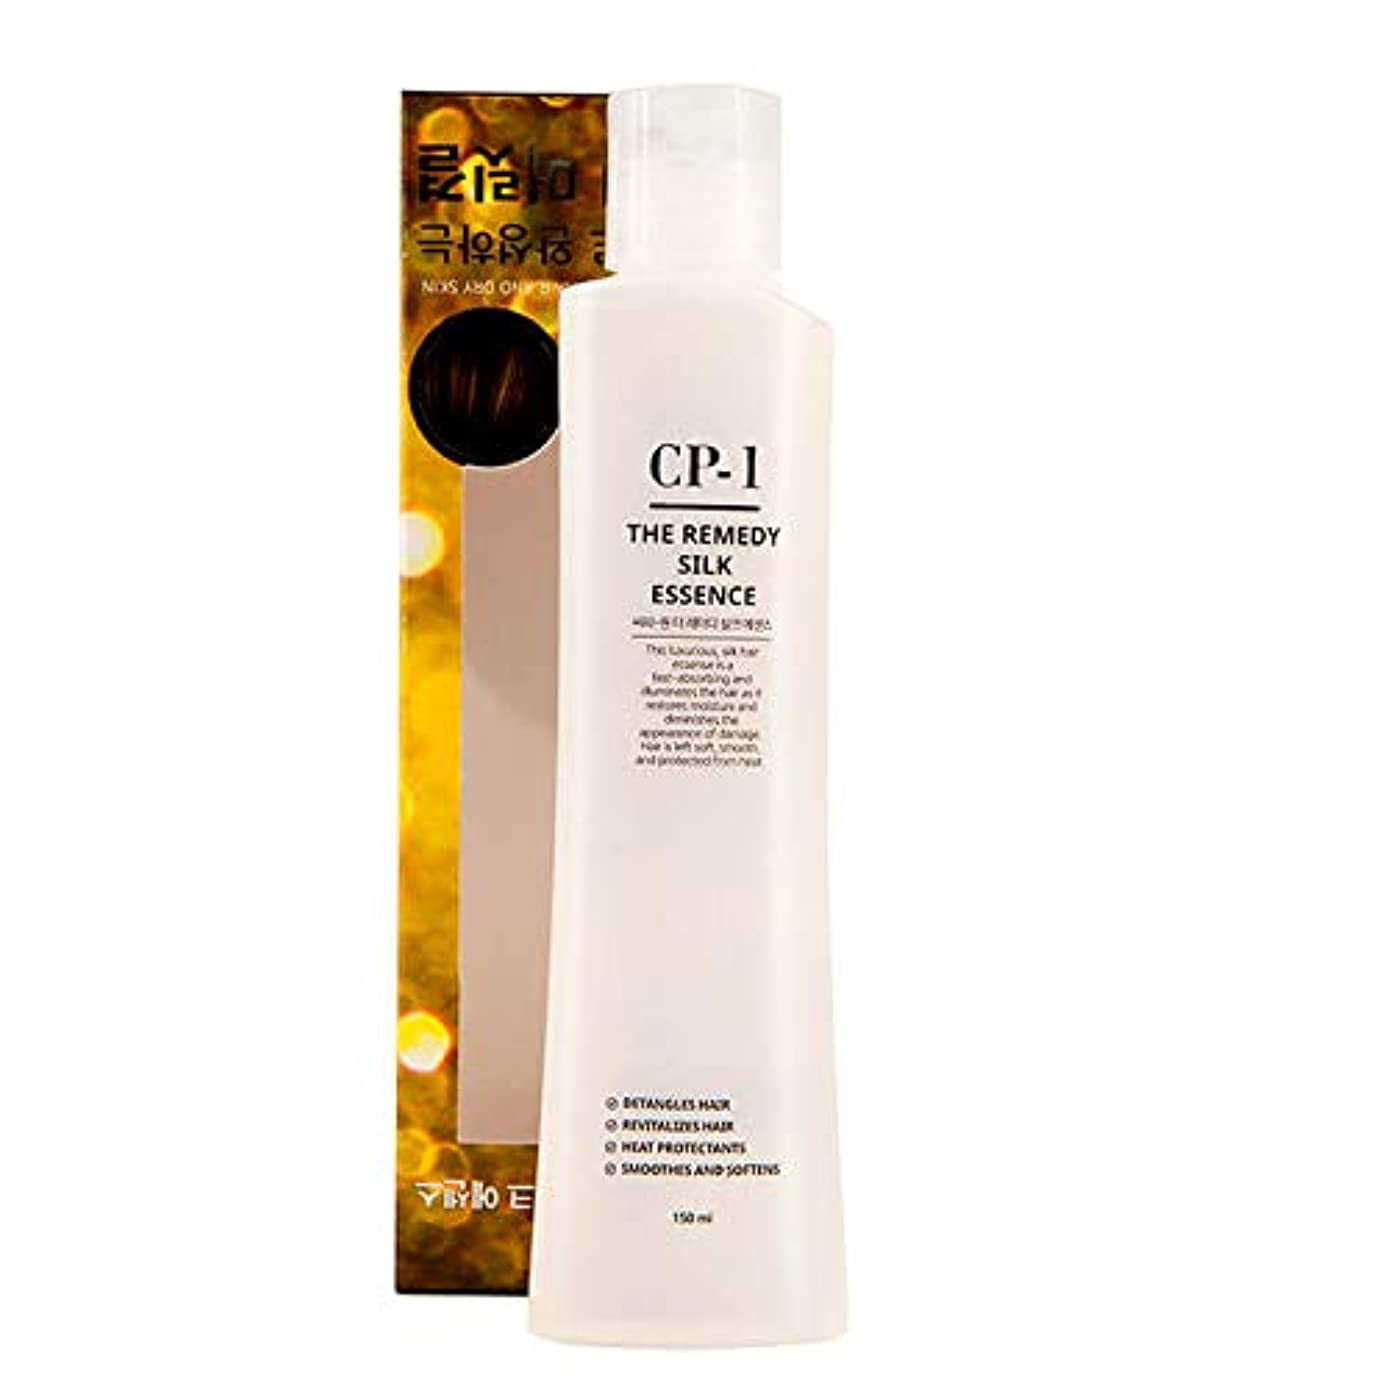 階層問い合わせ冷凍庫Esthetic House[エステティックハウス] CP-1 治療シルクエッセンス 150ml (傷んだ髪や乾燥肌の韓国のヘアケアに) / The Remedy Silk Essence